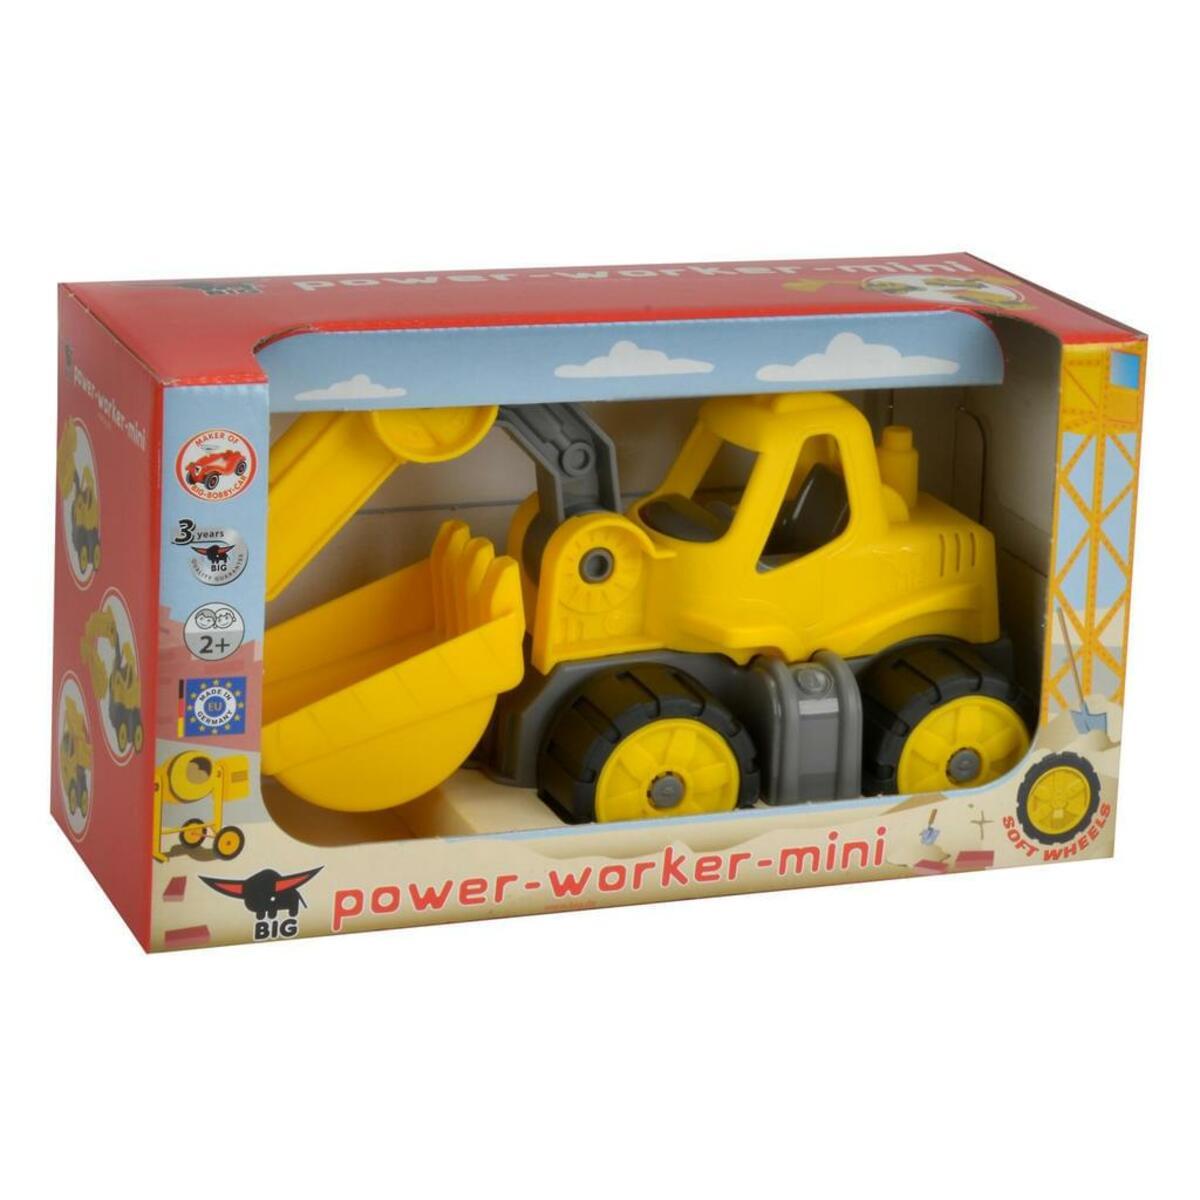 Bild 5 von BIG Power Worker Mini Bagger